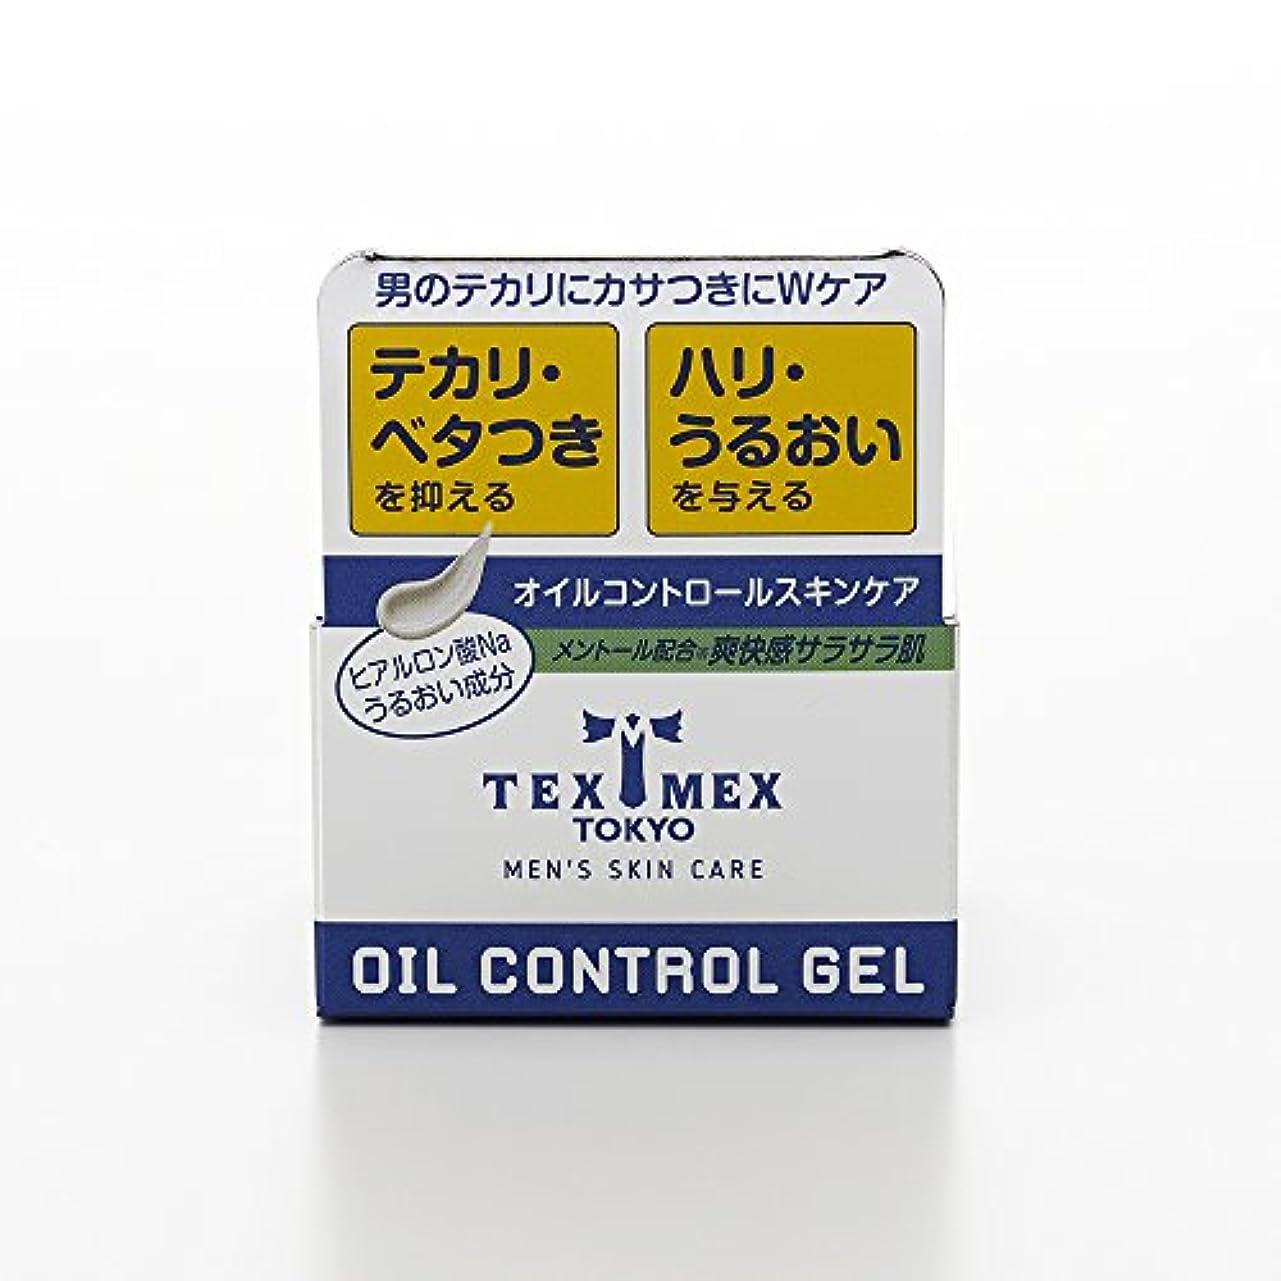 追跡家事同級生テックスメックス オイルコントロールジェル 24g (テカリ防止ジェル) 【塗るだけでサラサラ肌に】